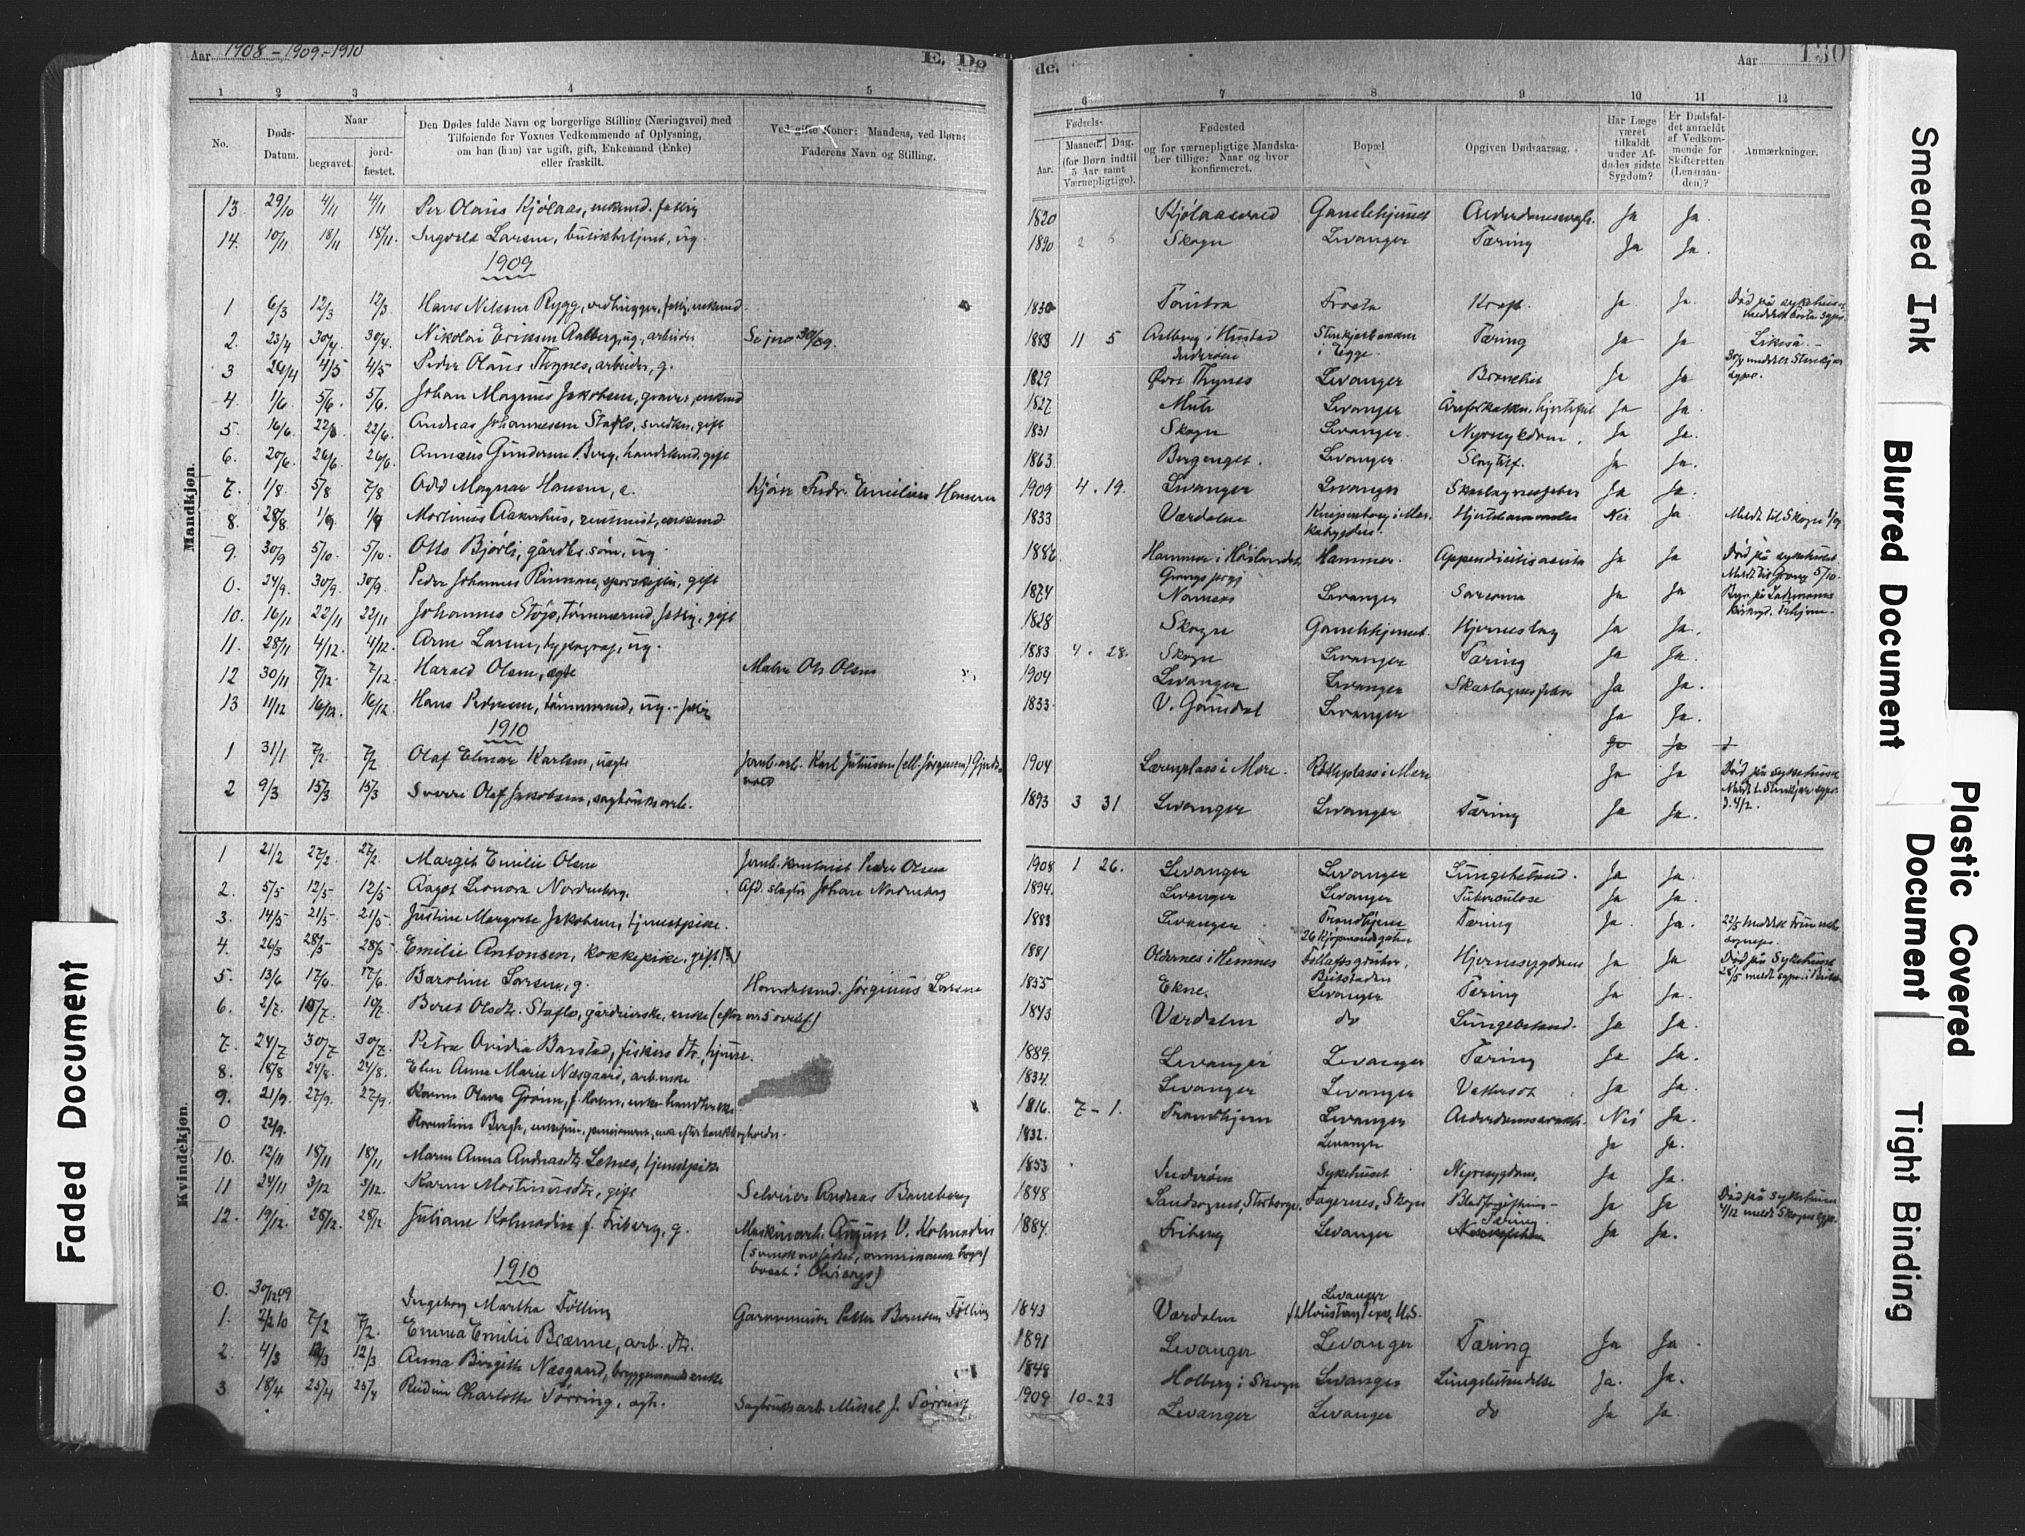 SAT, Ministerialprotokoller, klokkerbøker og fødselsregistre - Nord-Trøndelag, 720/L0189: Ministerialbok nr. 720A05, 1880-1911, s. 130